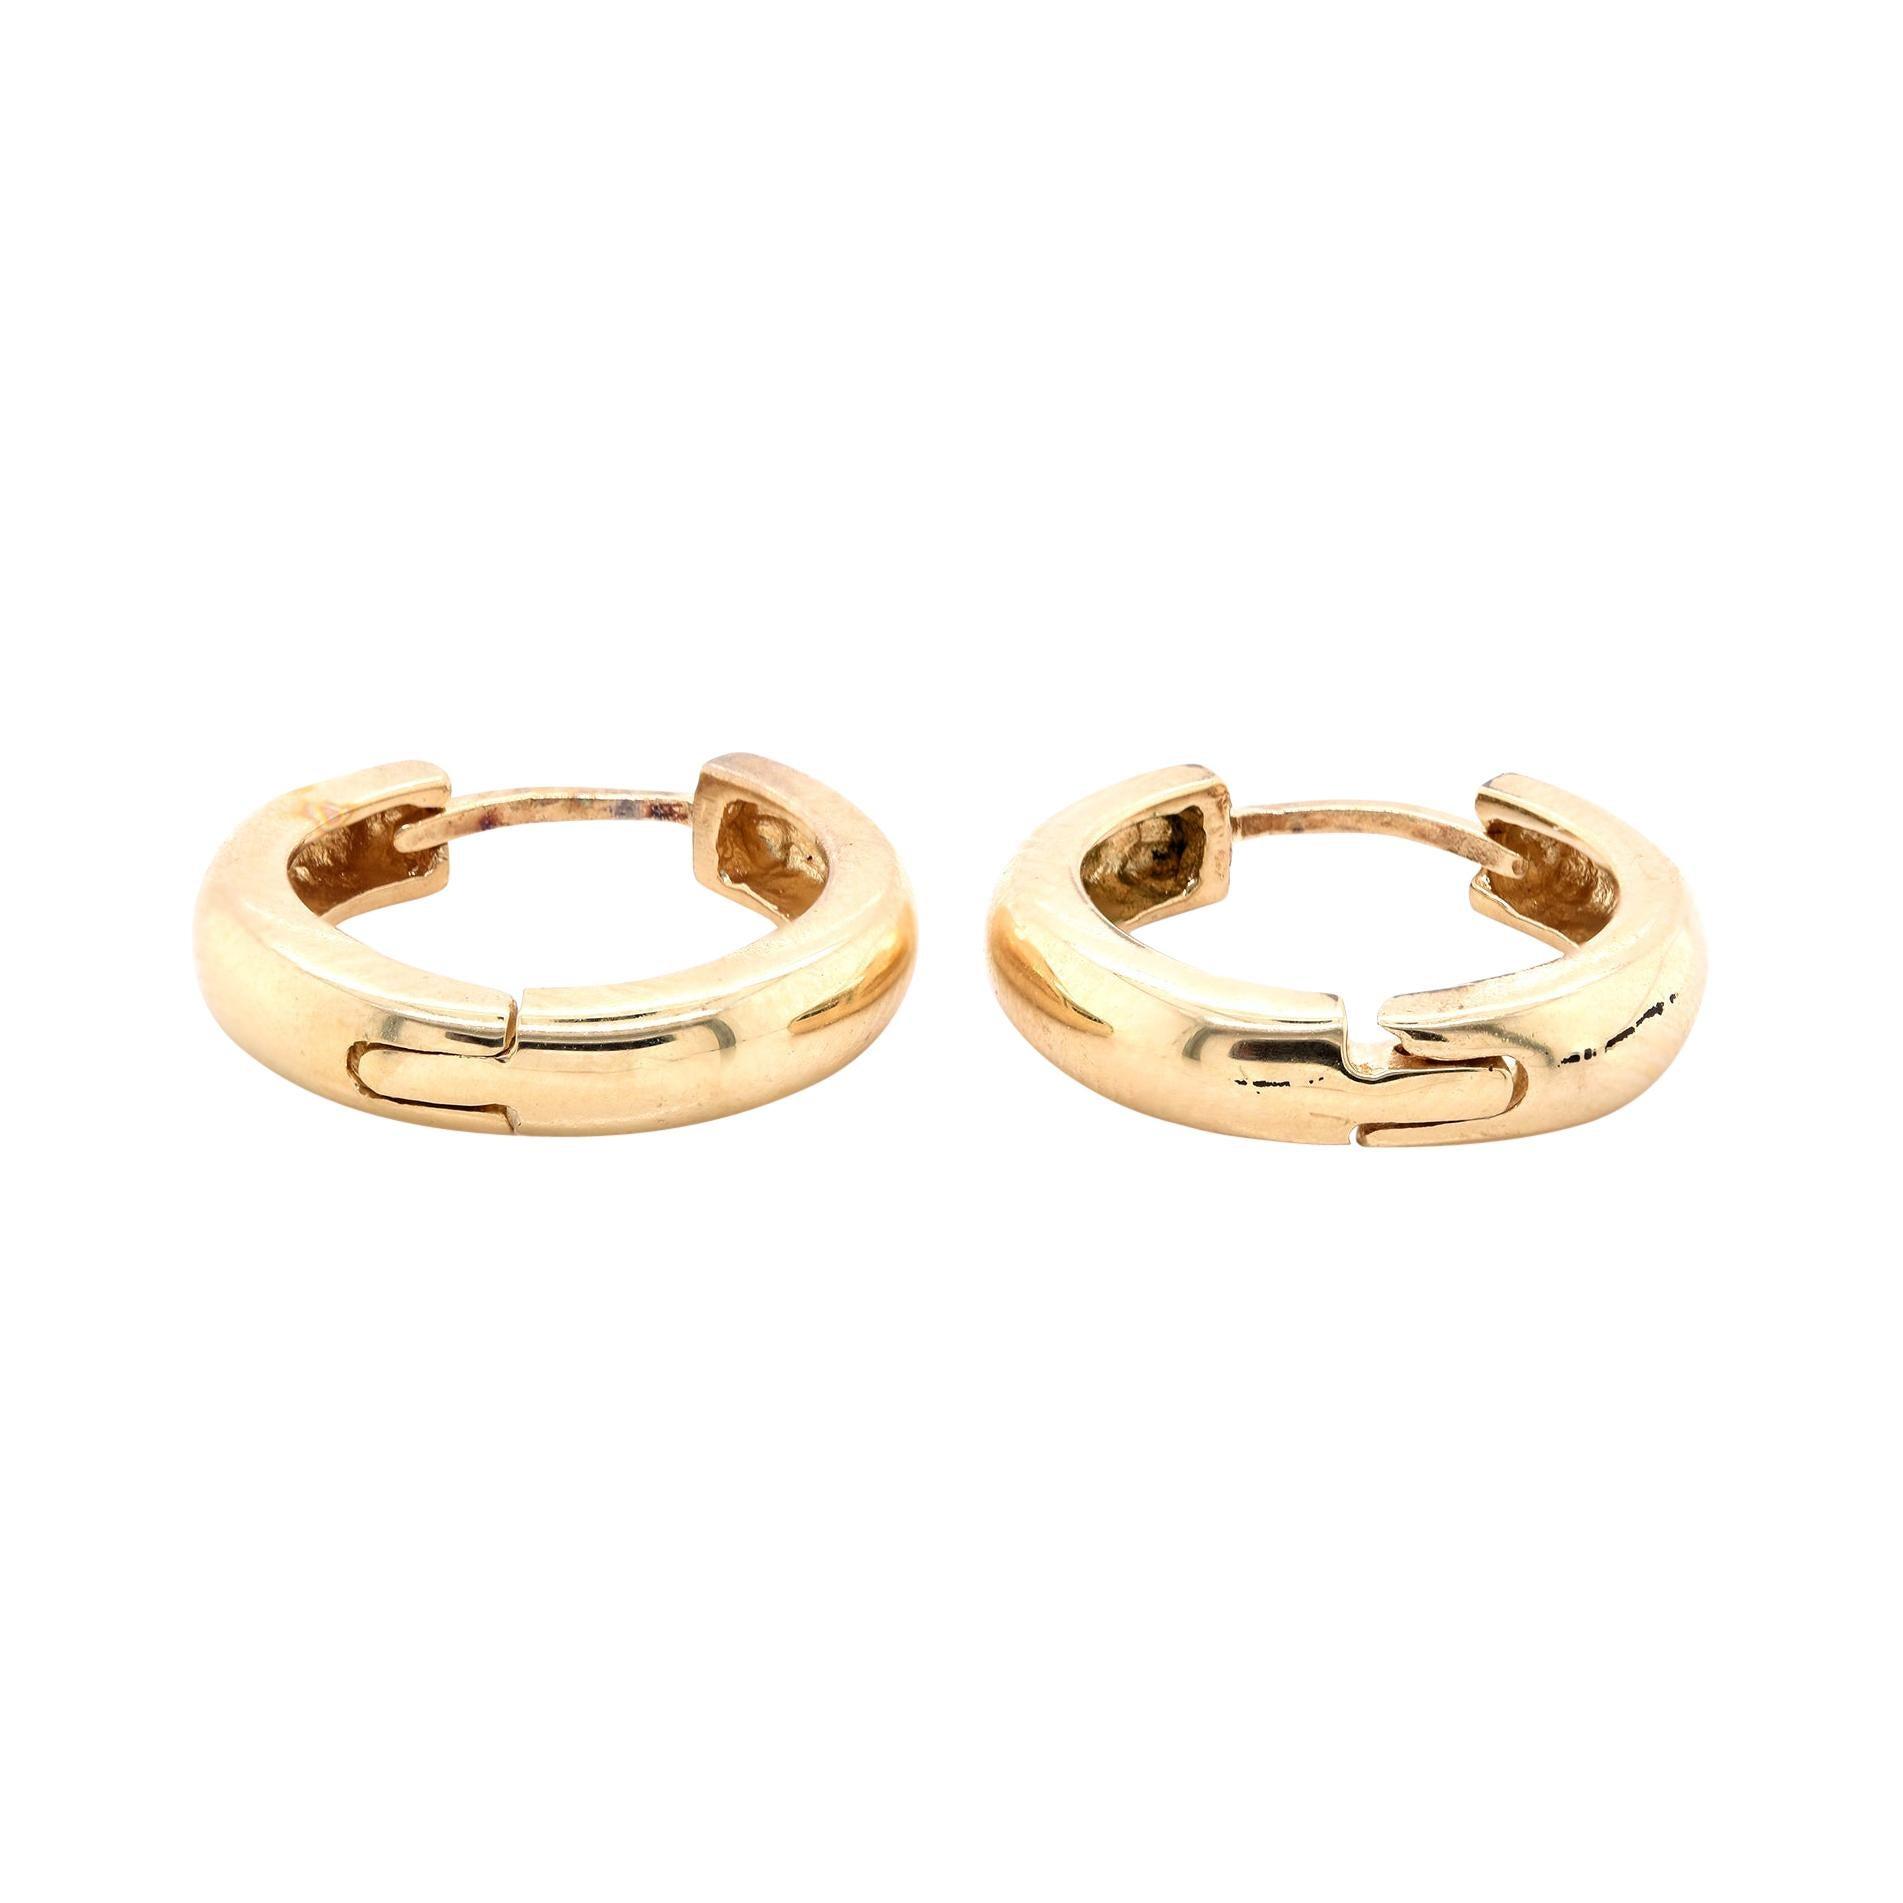 14 Karat Yellow Gold Huggie Hoop Earrings